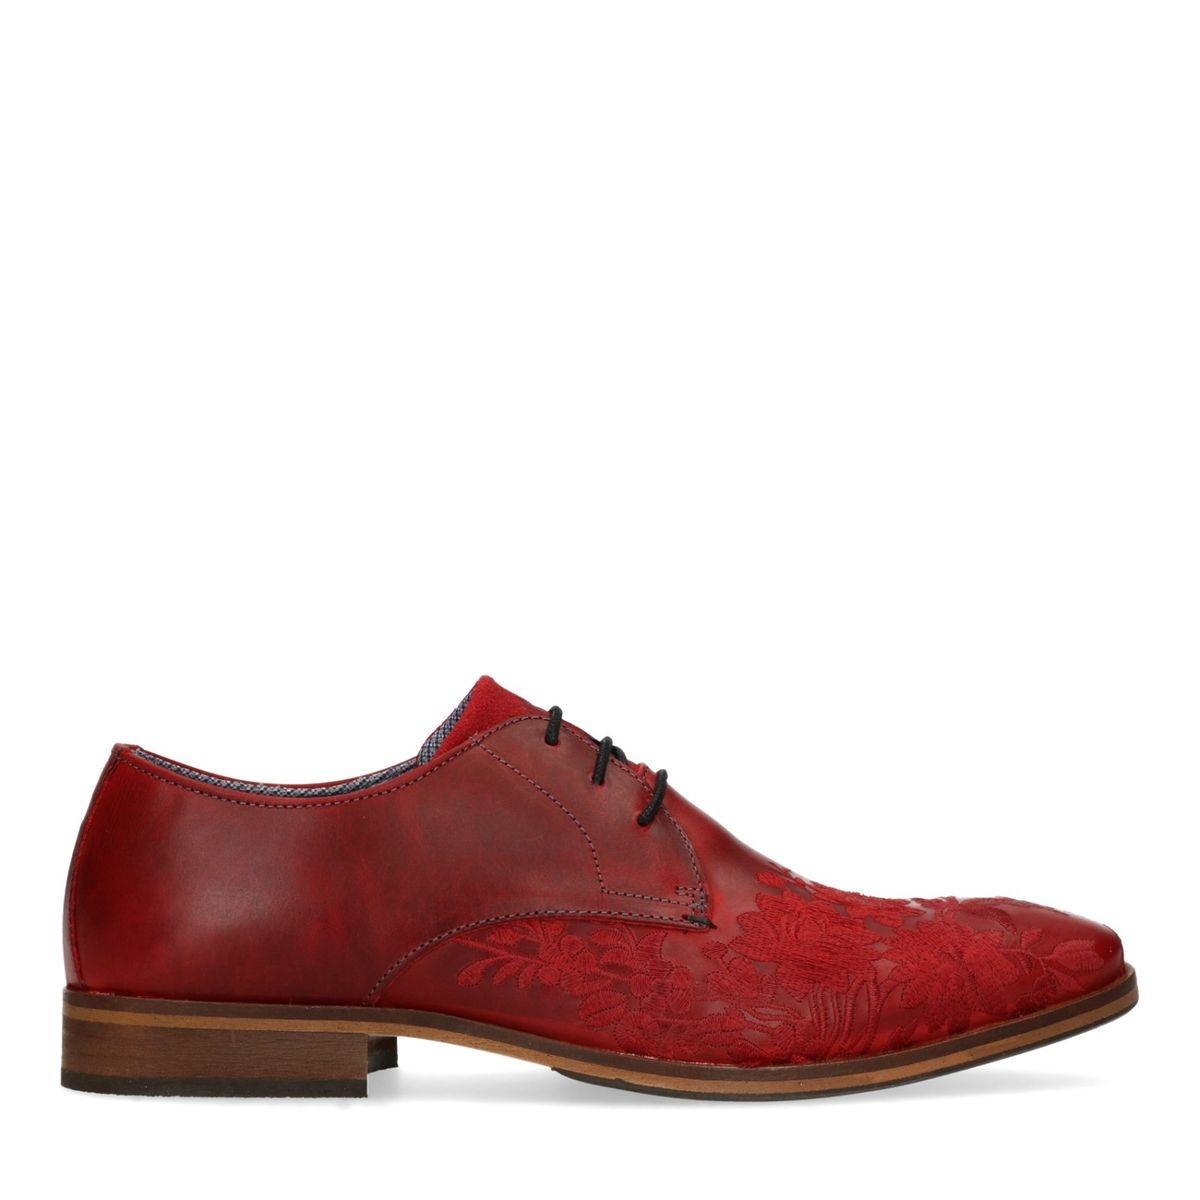 Chaussures à lacets en cuir avec broderies